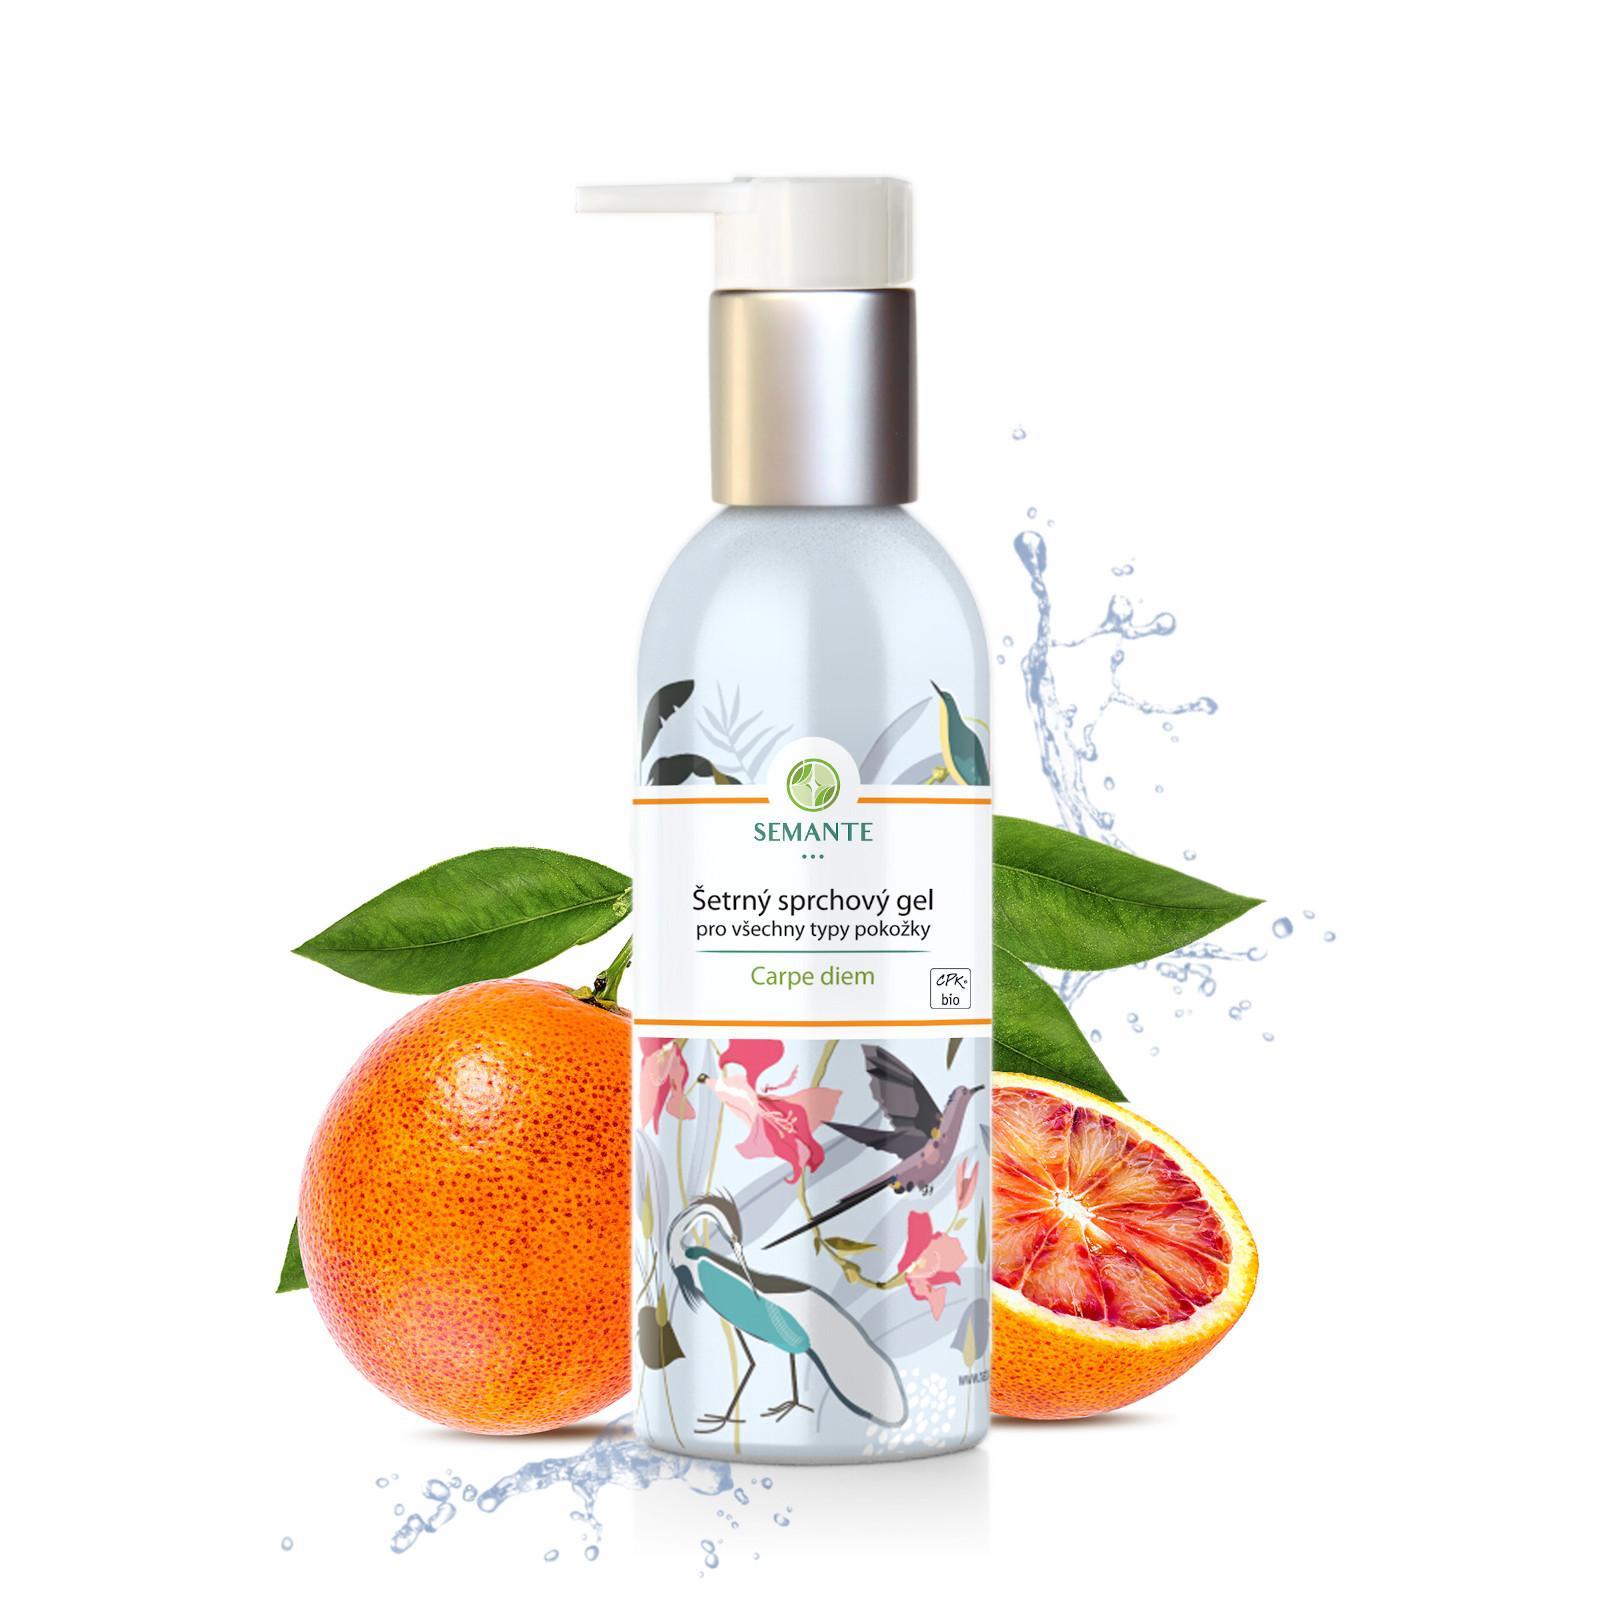 Semante by Naturalis Carpe diem, šetrný sprchový gel pro všechny typy pokožky 200 ml